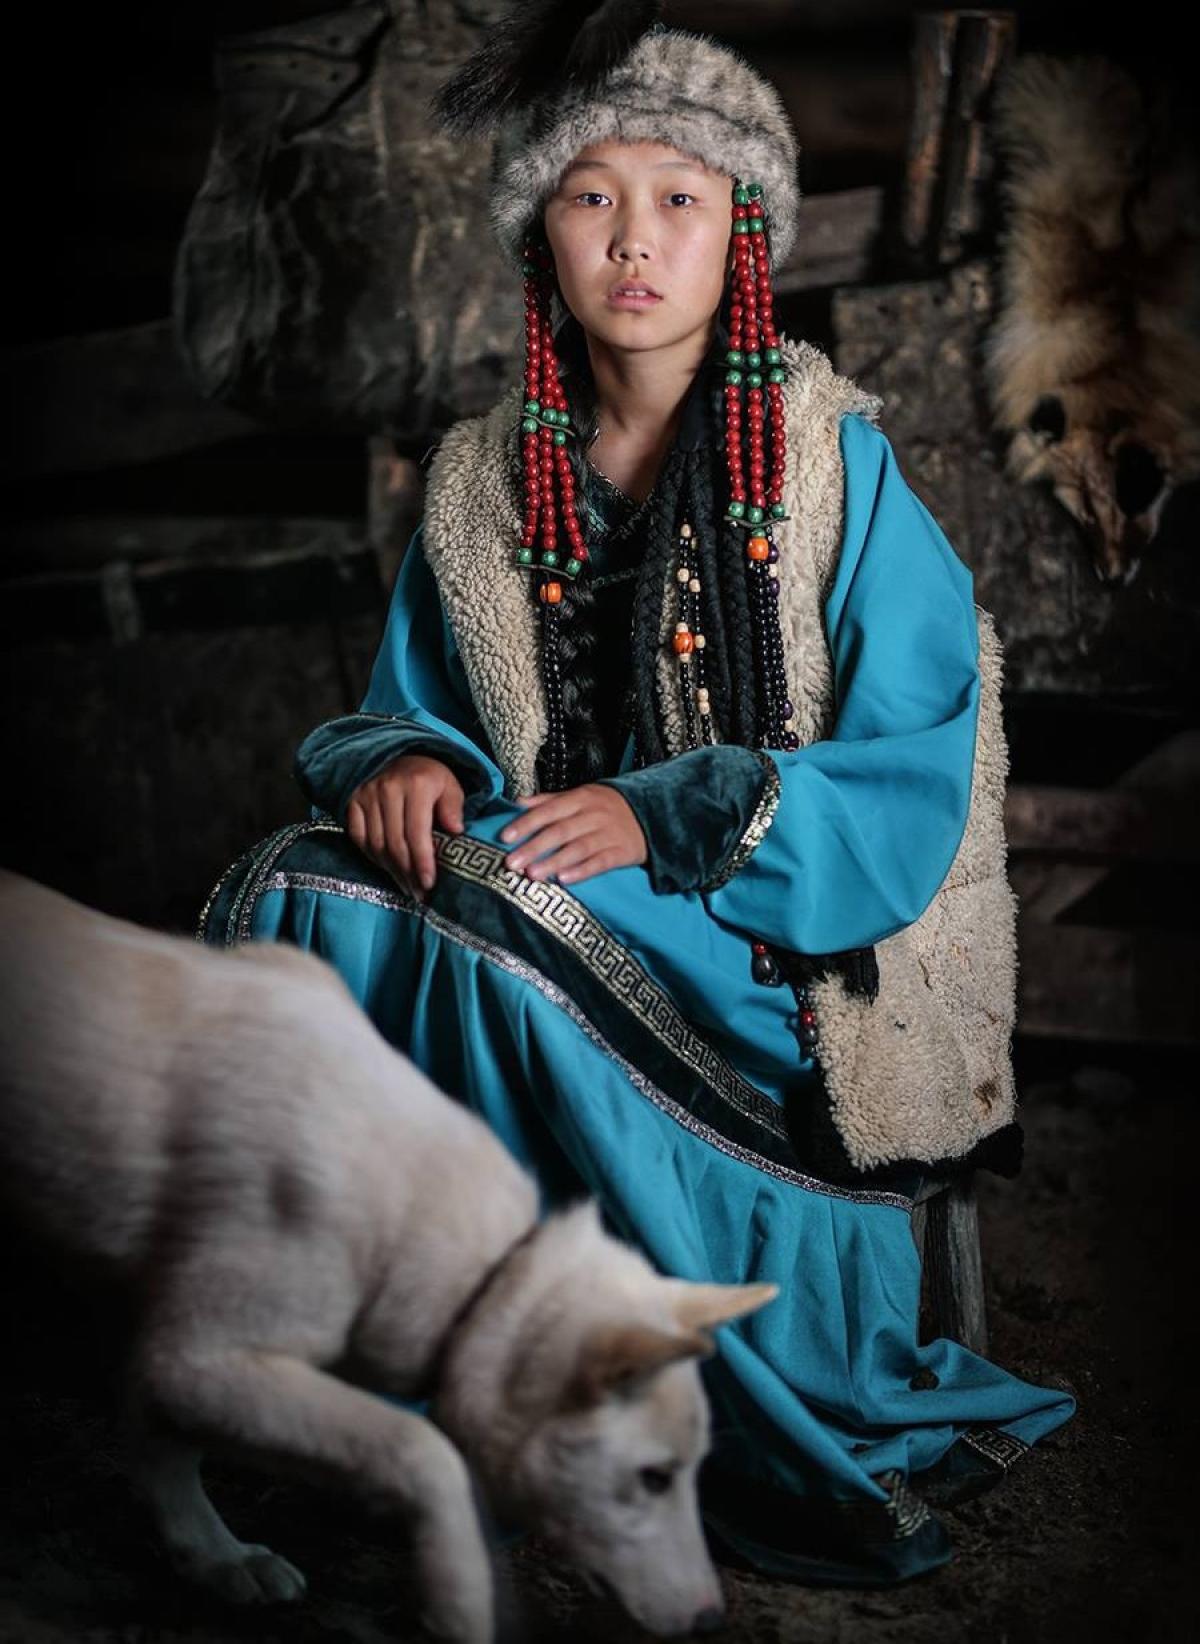 Thanh nữ Soyot, với trang phục hao hao các bộ lạc phương Bắc ở Trung Quốc.